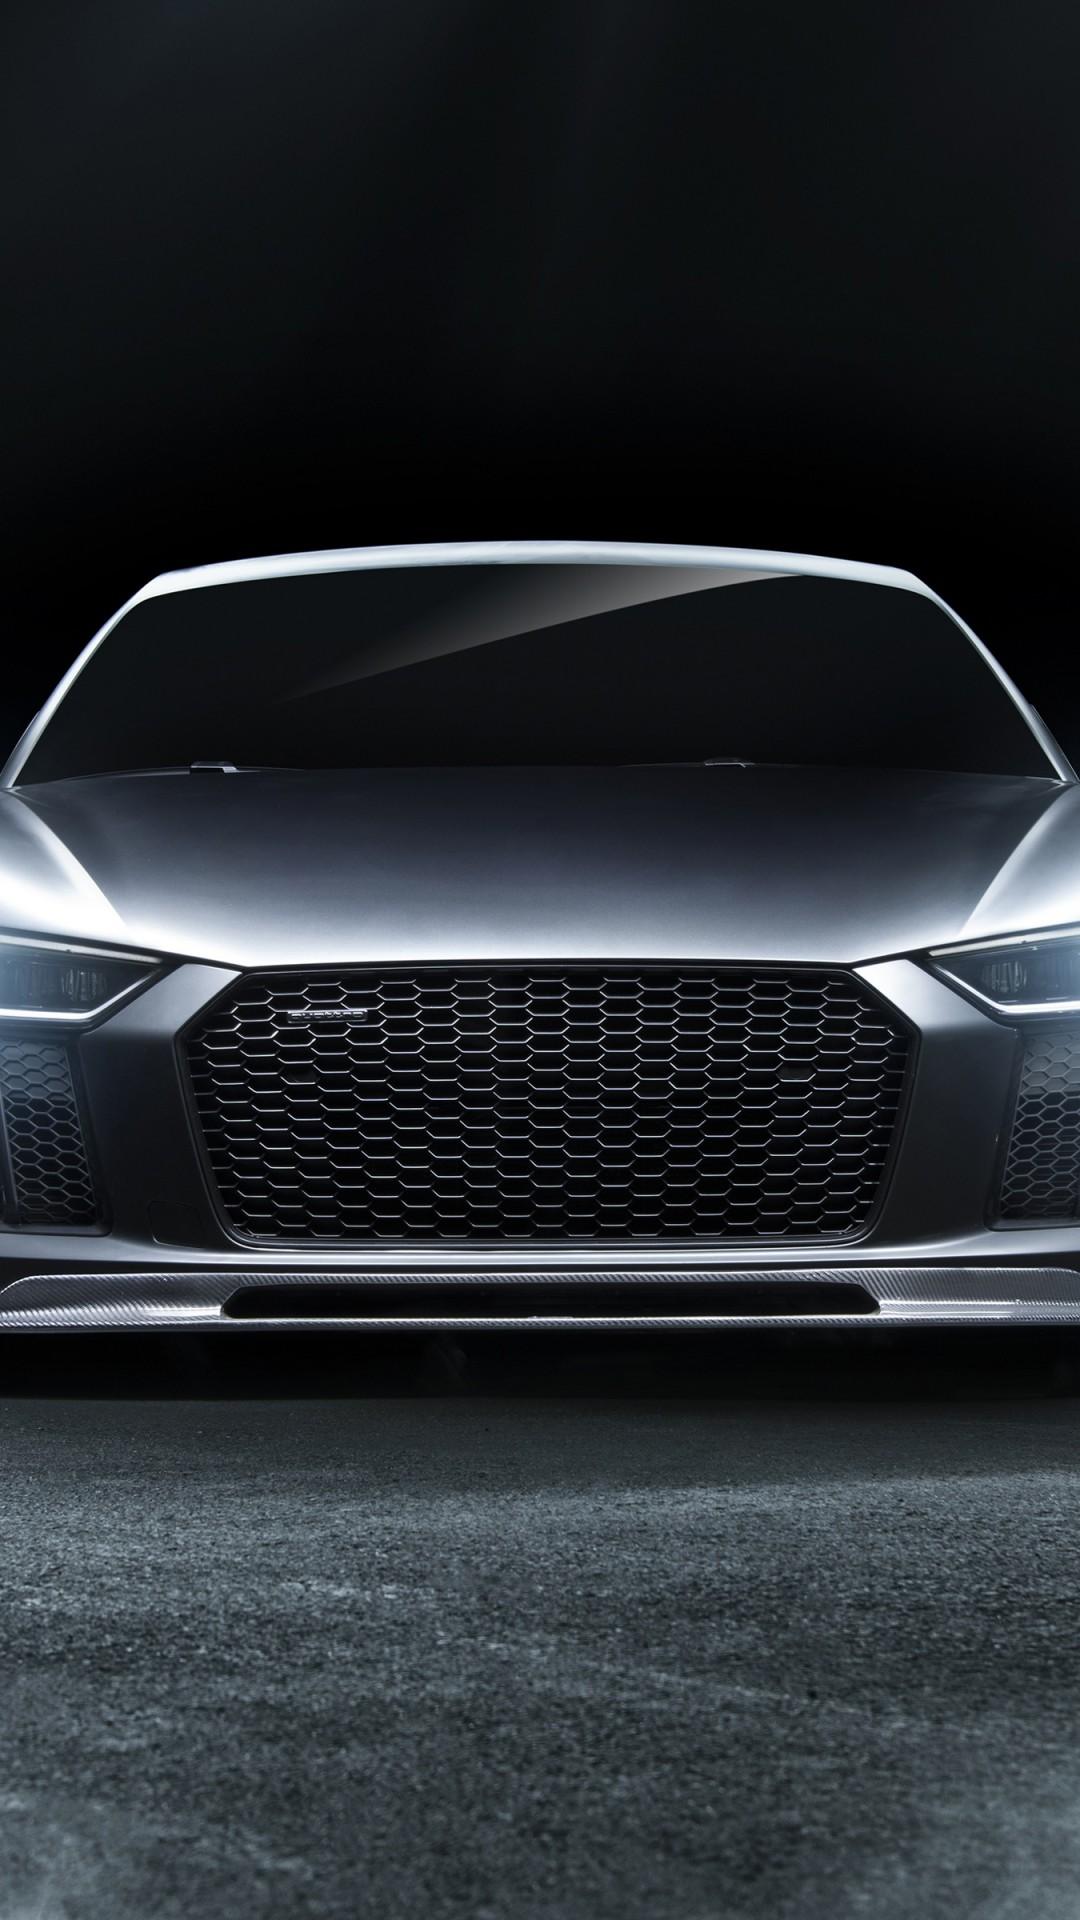 Download Vorsteiner Audi R8 Wallpaper For Desktop And Mobiles